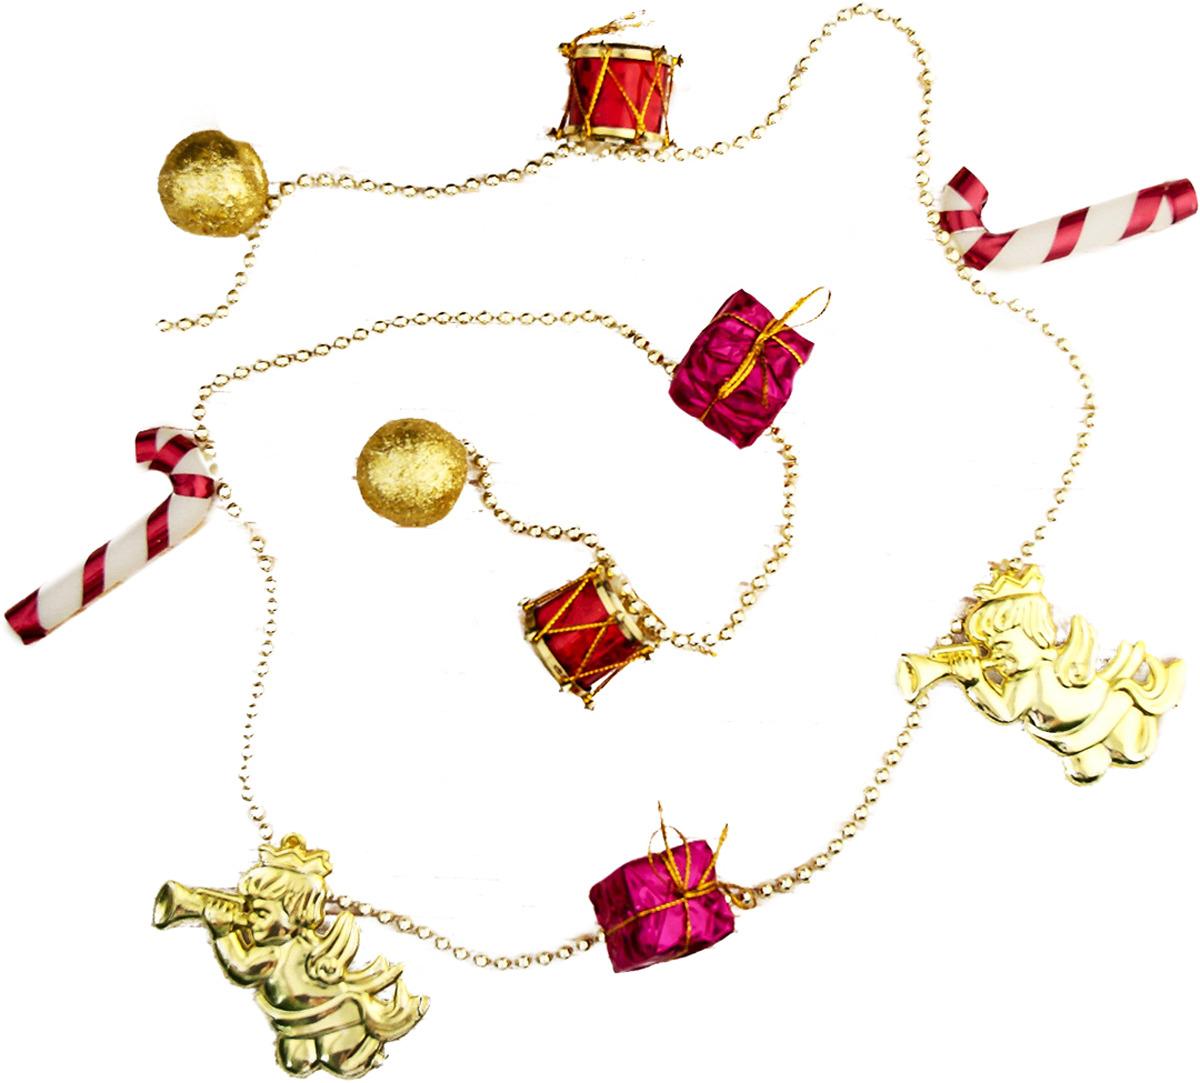 """Бусы на елку """"Ангелы, подарки, барабаны"""", цвет: разноцветный, длина 100 см"""